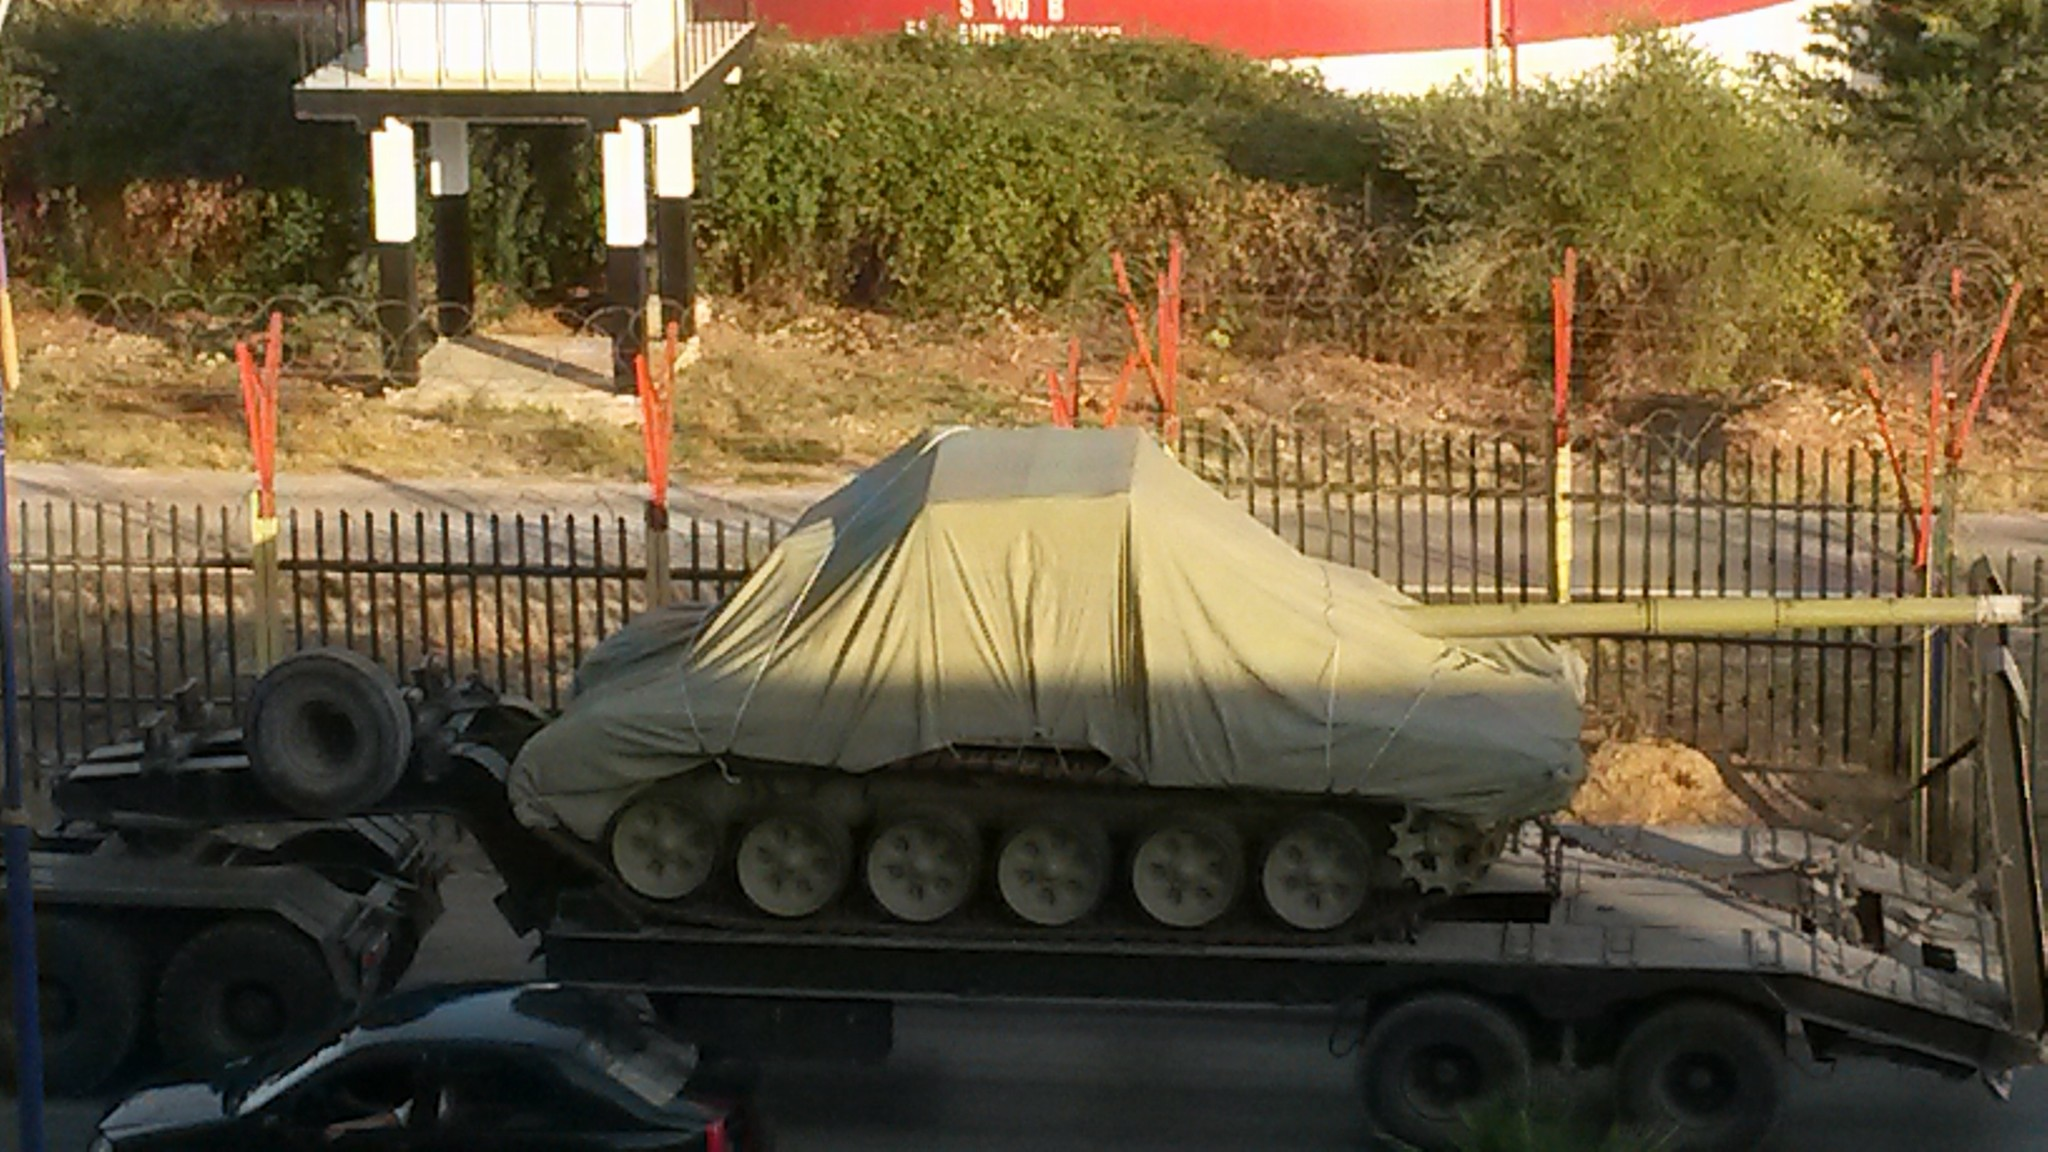 2015 - الجزائر تستلم حزمة ثالثة  من  [ دبابات T-90  ]   - صفحة 12 29267905881_90a96aa0e6_o